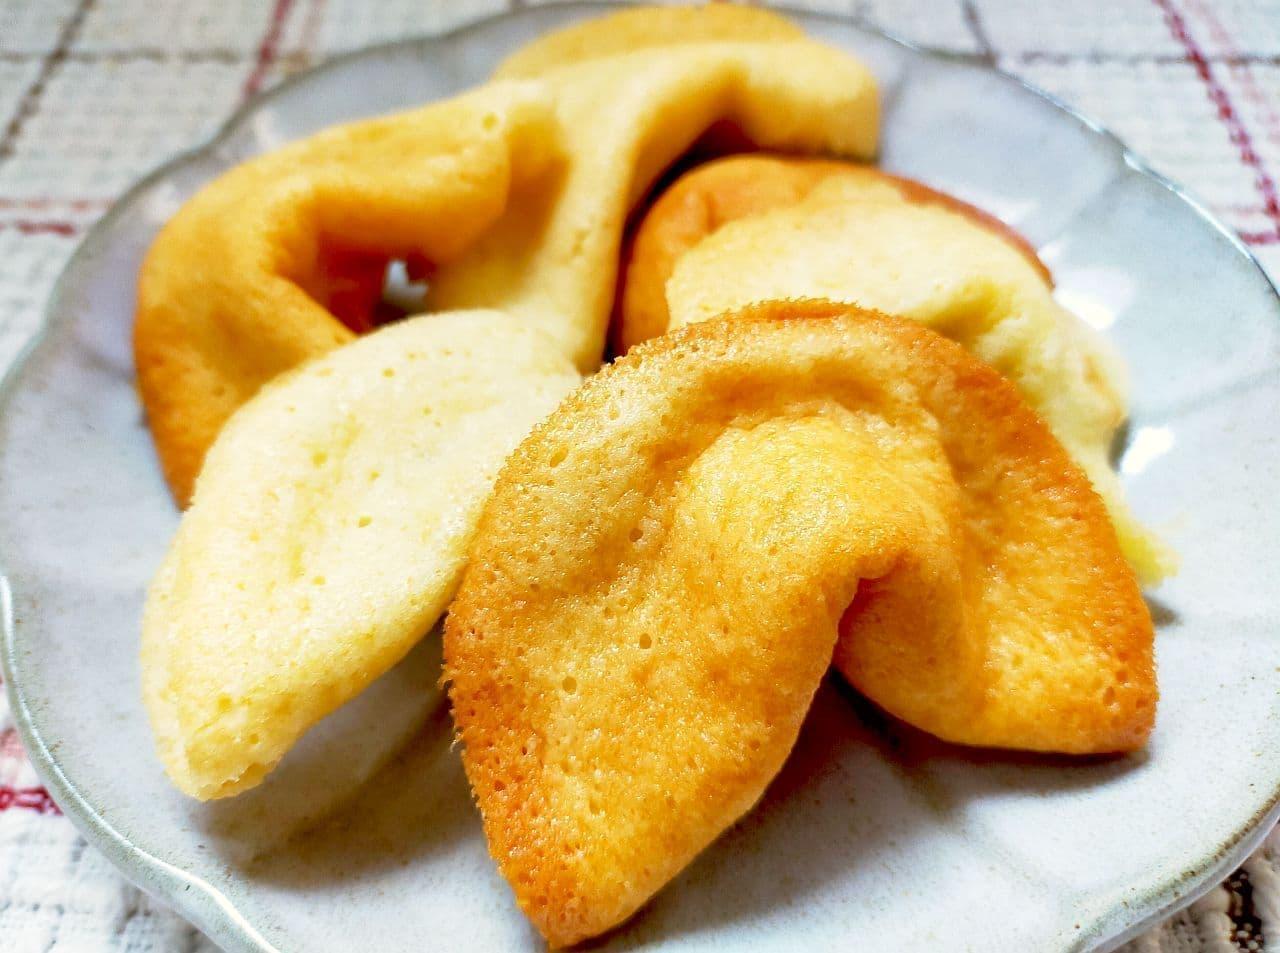 ホットケーキミックスで「フォーチュンクッキー」のレシピ